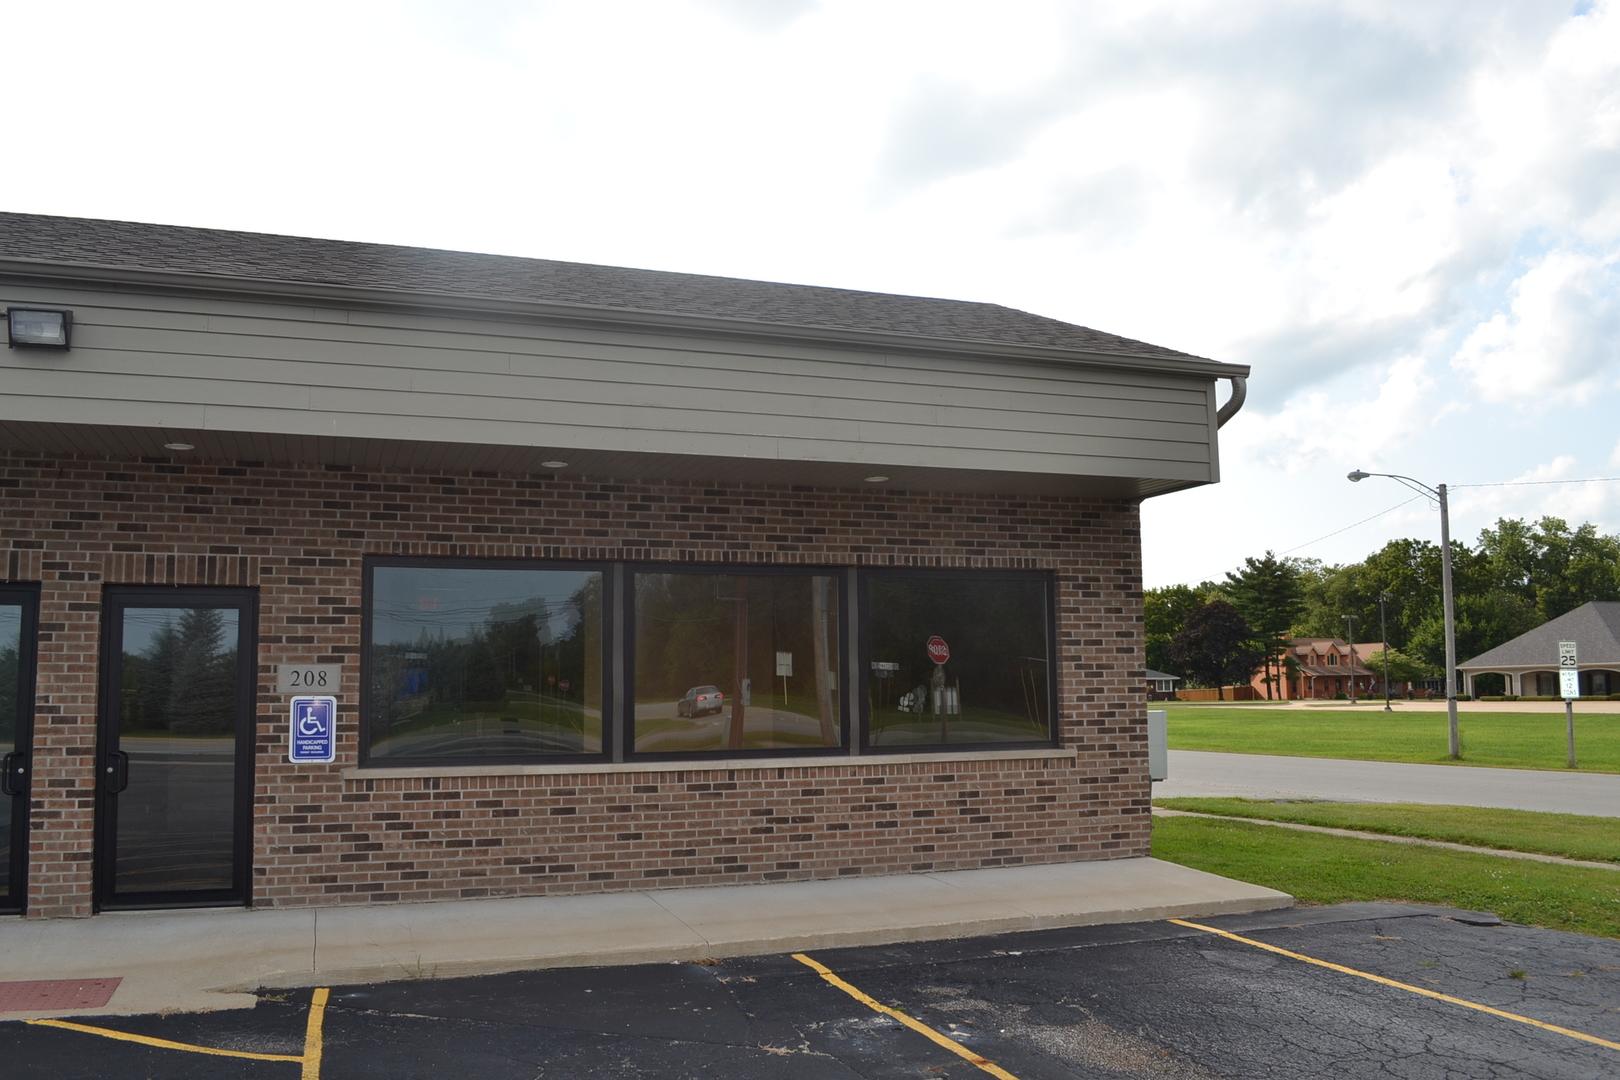 Property for sale at 208 Comet Drive Unit: B, Braidwood,  IL 60408